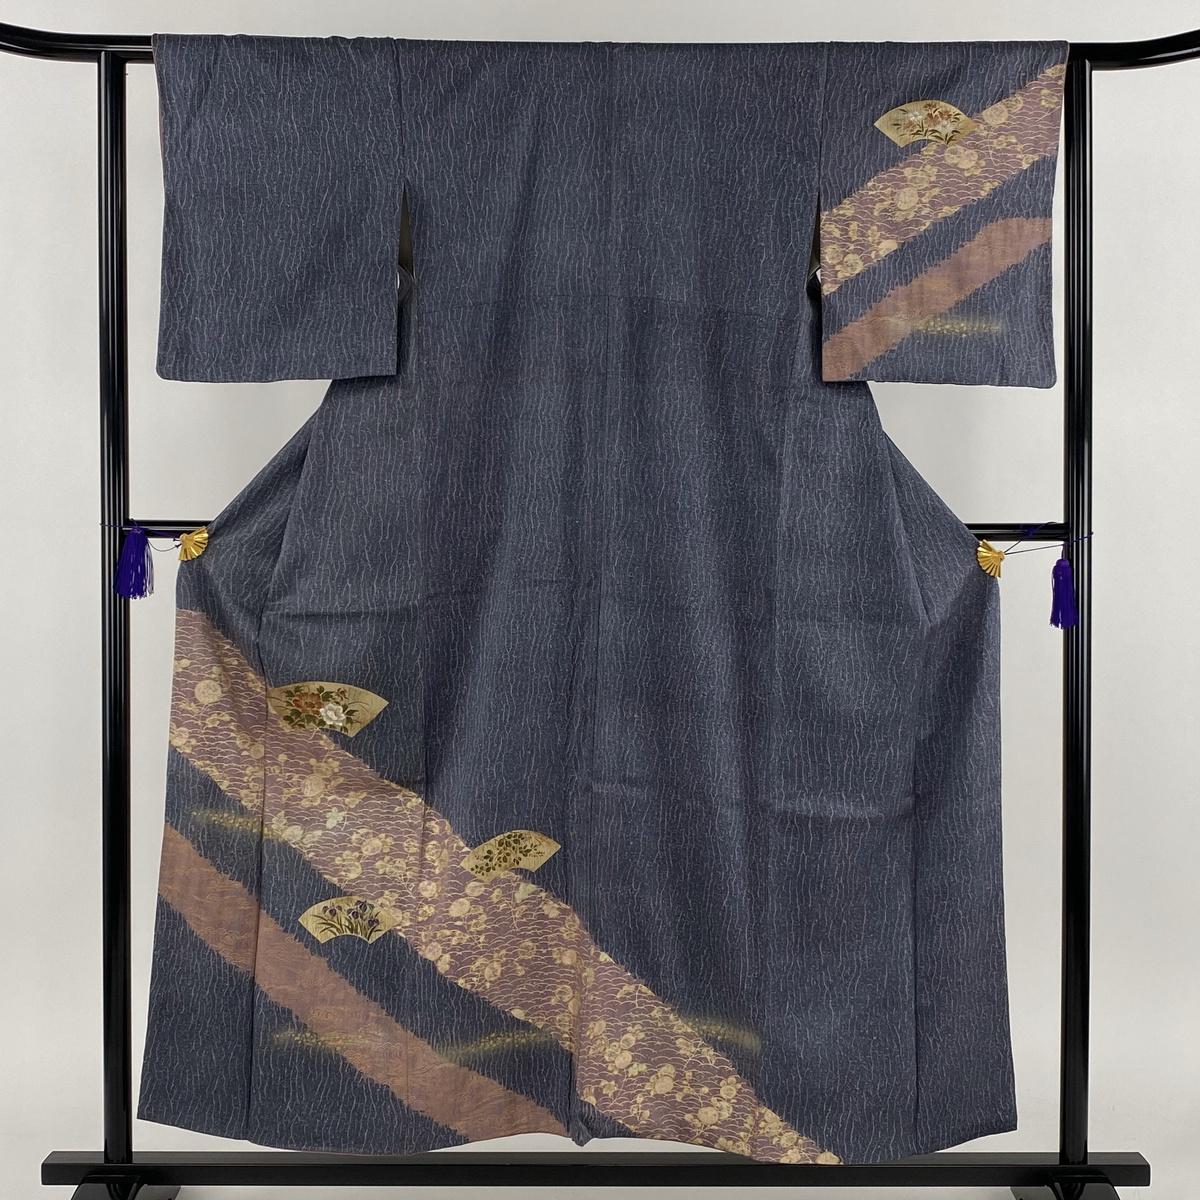 訪問着 名品 地紙 草花 金彩 縫い締め絞り 青灰色 袷 身丈156cm 裄丈62cm S 正絹 【中古】